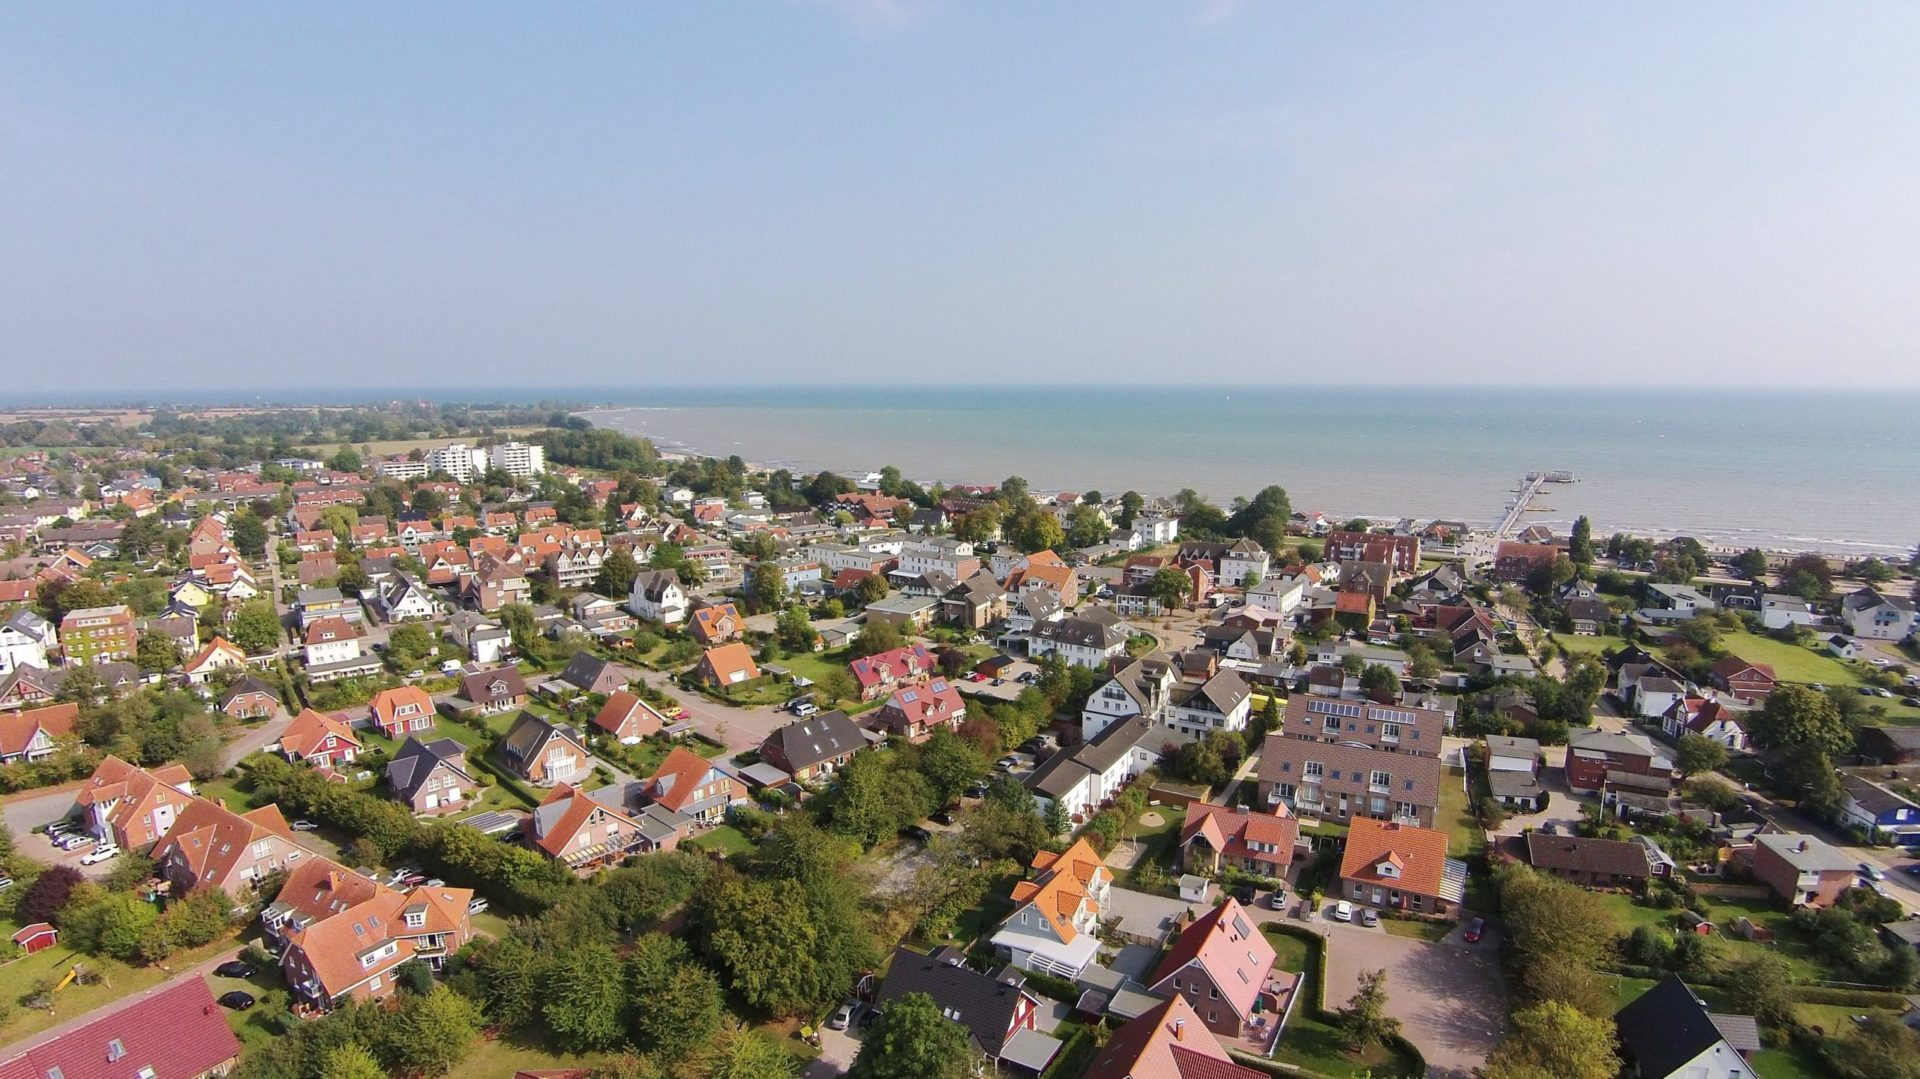 Wassertemperatur Dahme: Blick auf Kellenhusen am Nordwestrand der Lübecker Bucht, links am Horizont das Ostseeheilbad Dahme